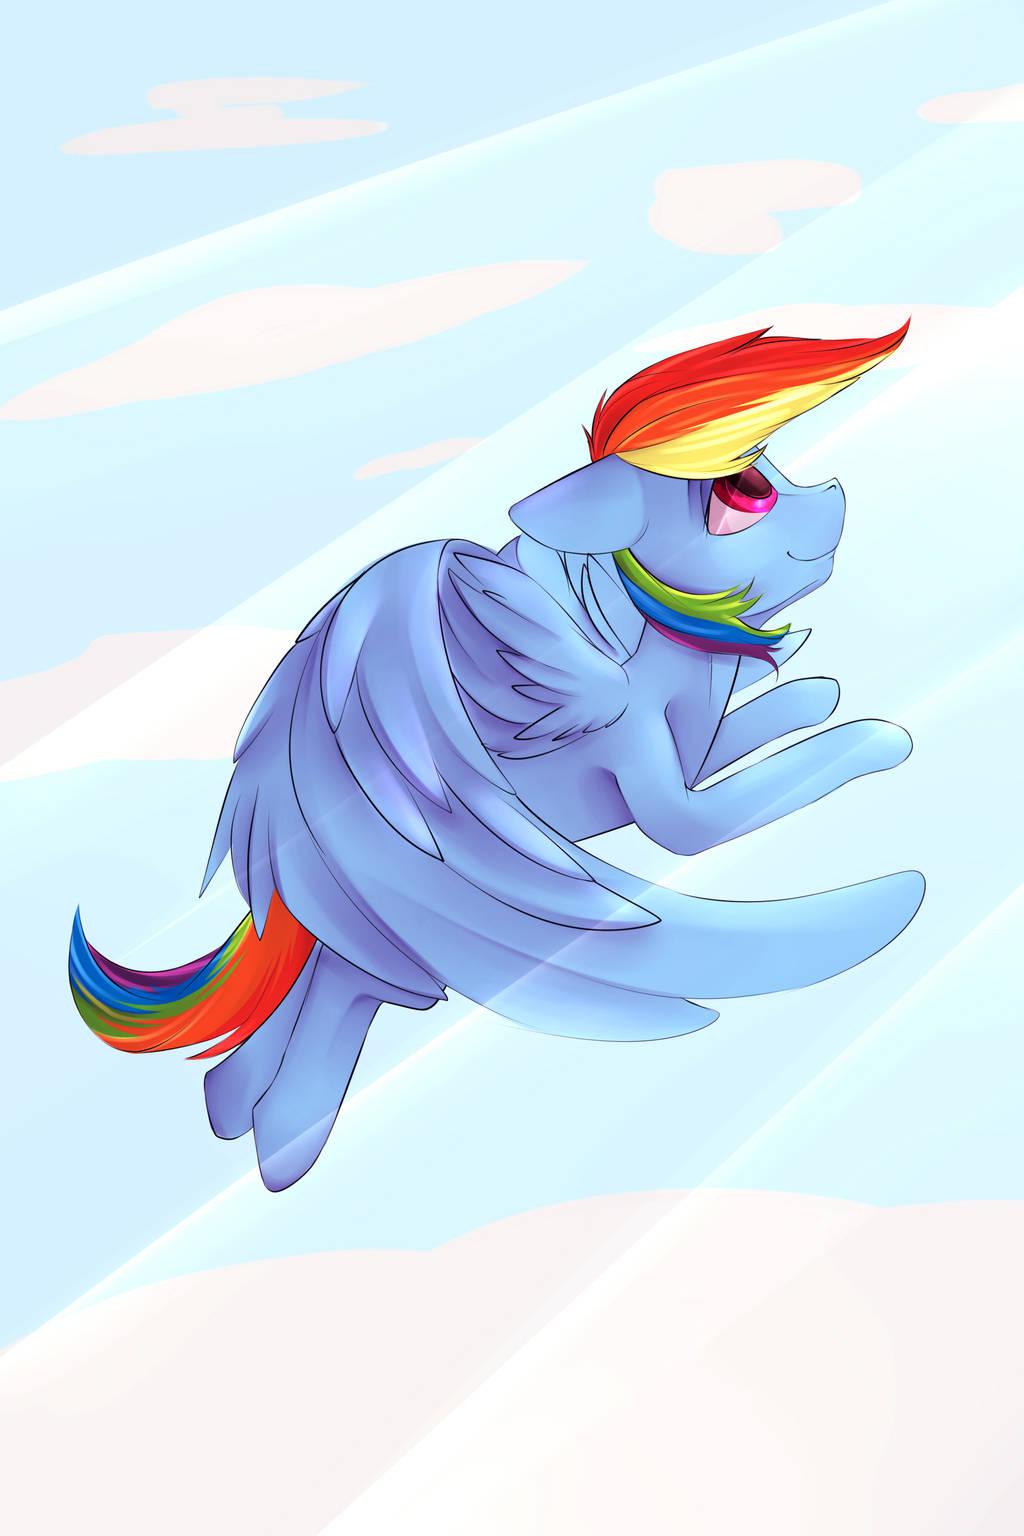 Mane 6(Rainbow Dash) by Chapaevv